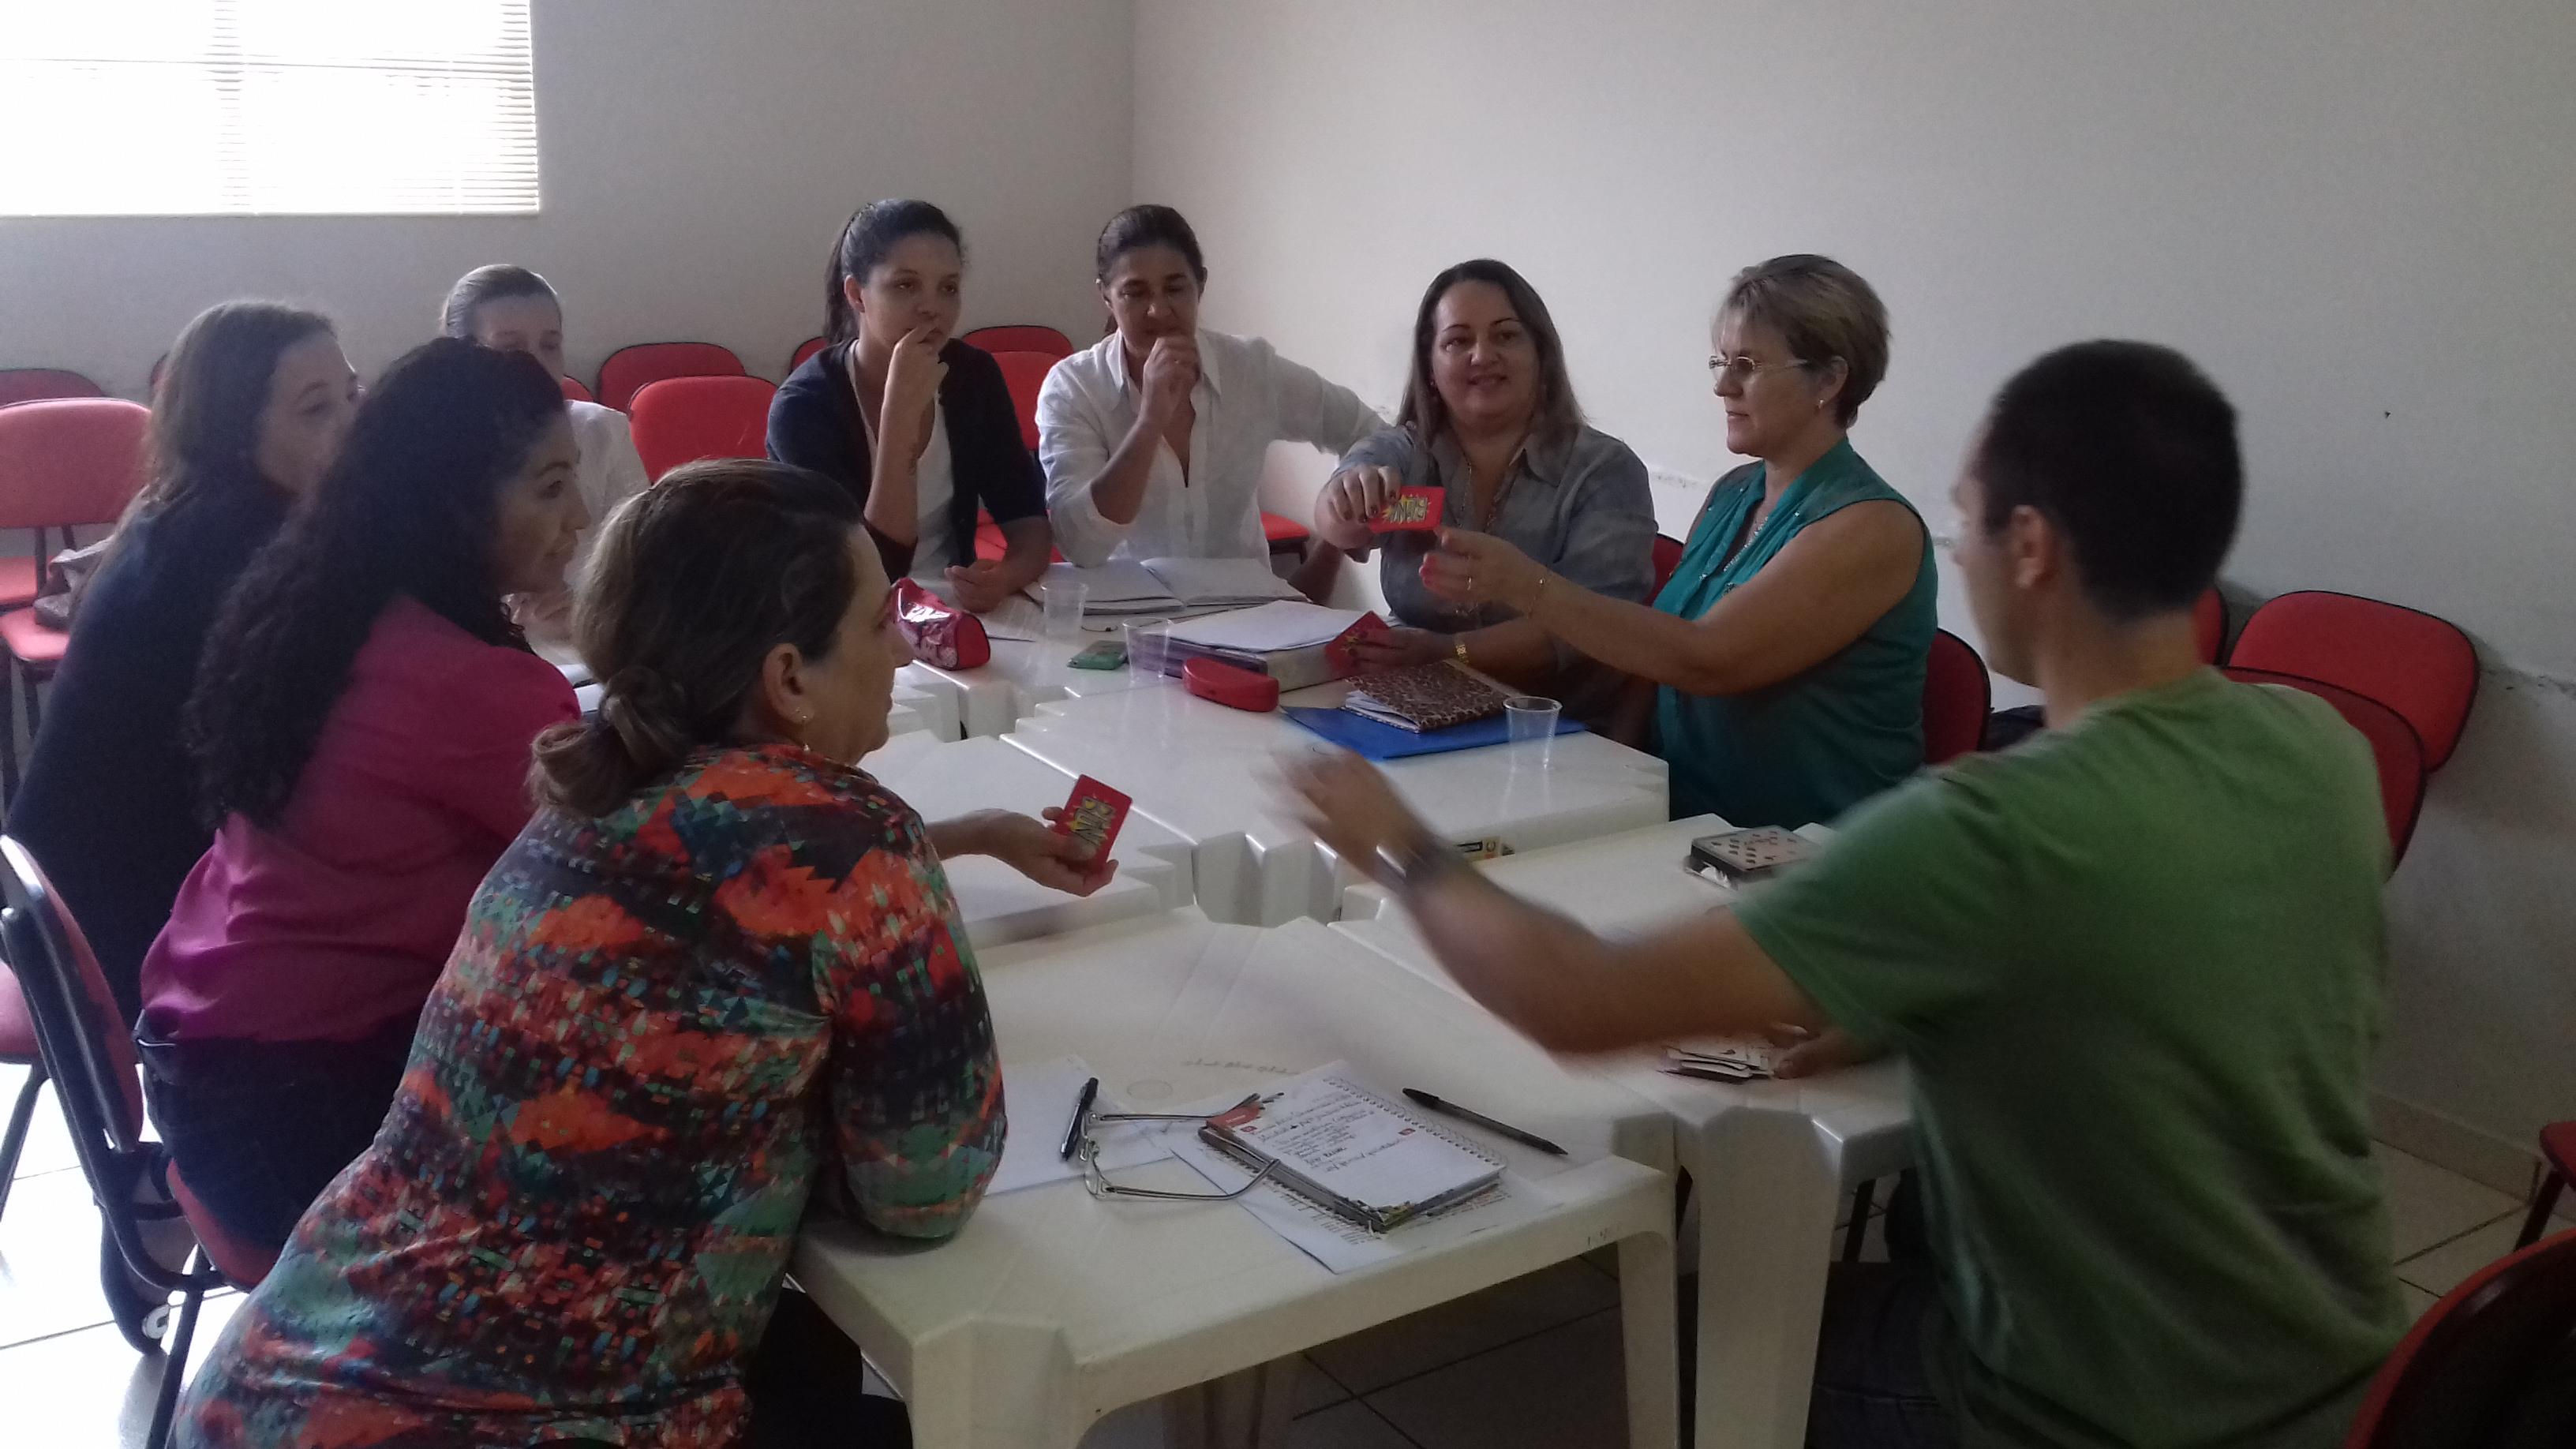 Um grupo de cerca de 10 educadores conversa ao redor de uma mesa.